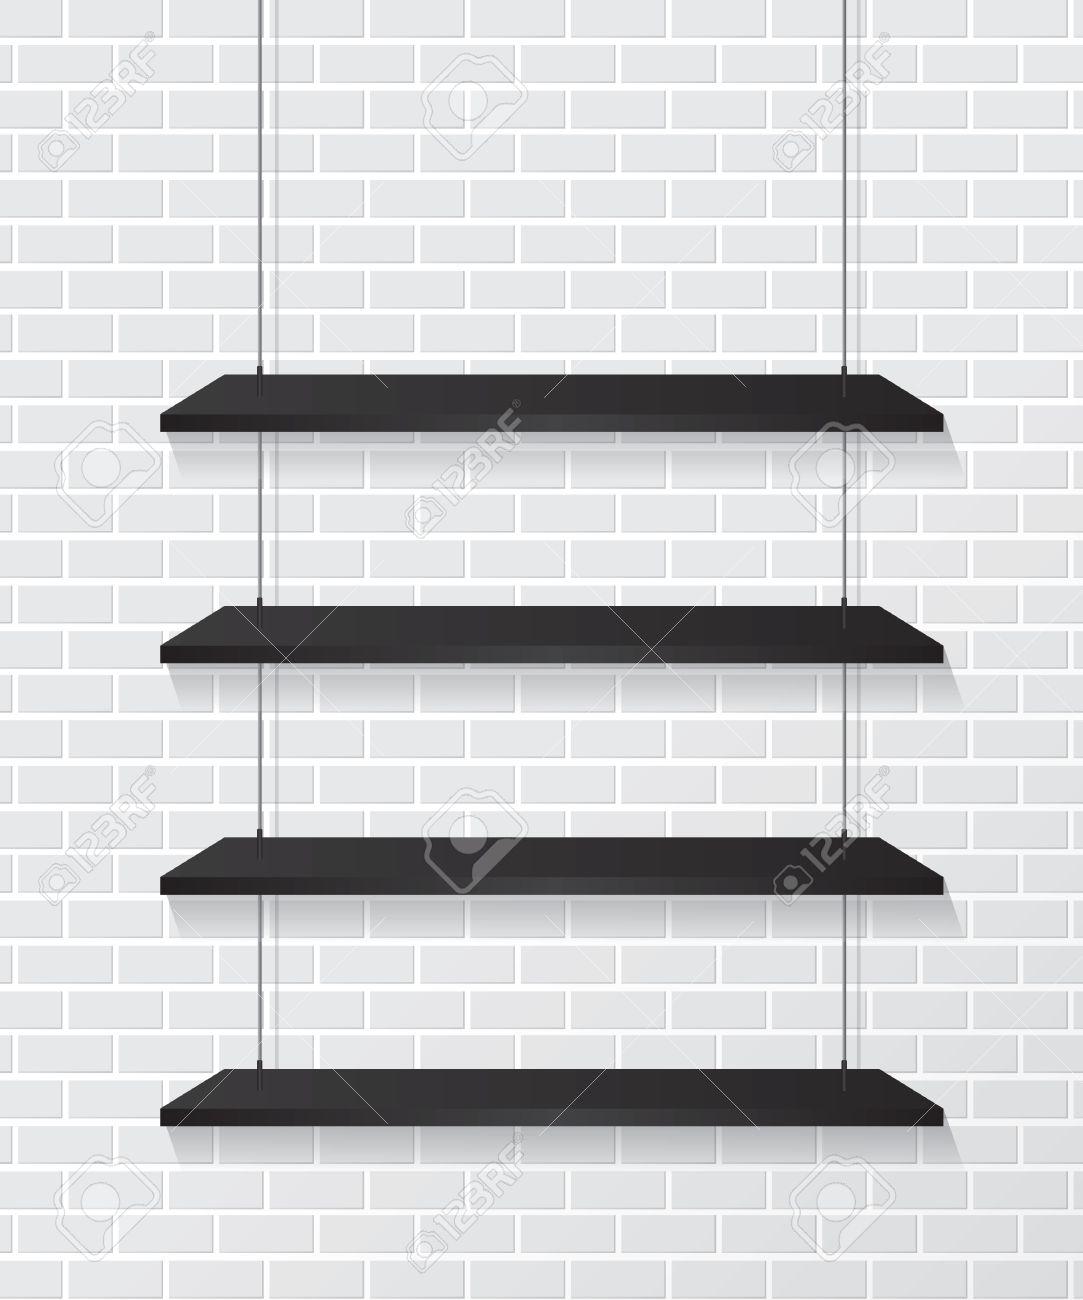 Black Wall Shelves brick wall and black shelves royalty free cliparts, vectors, and